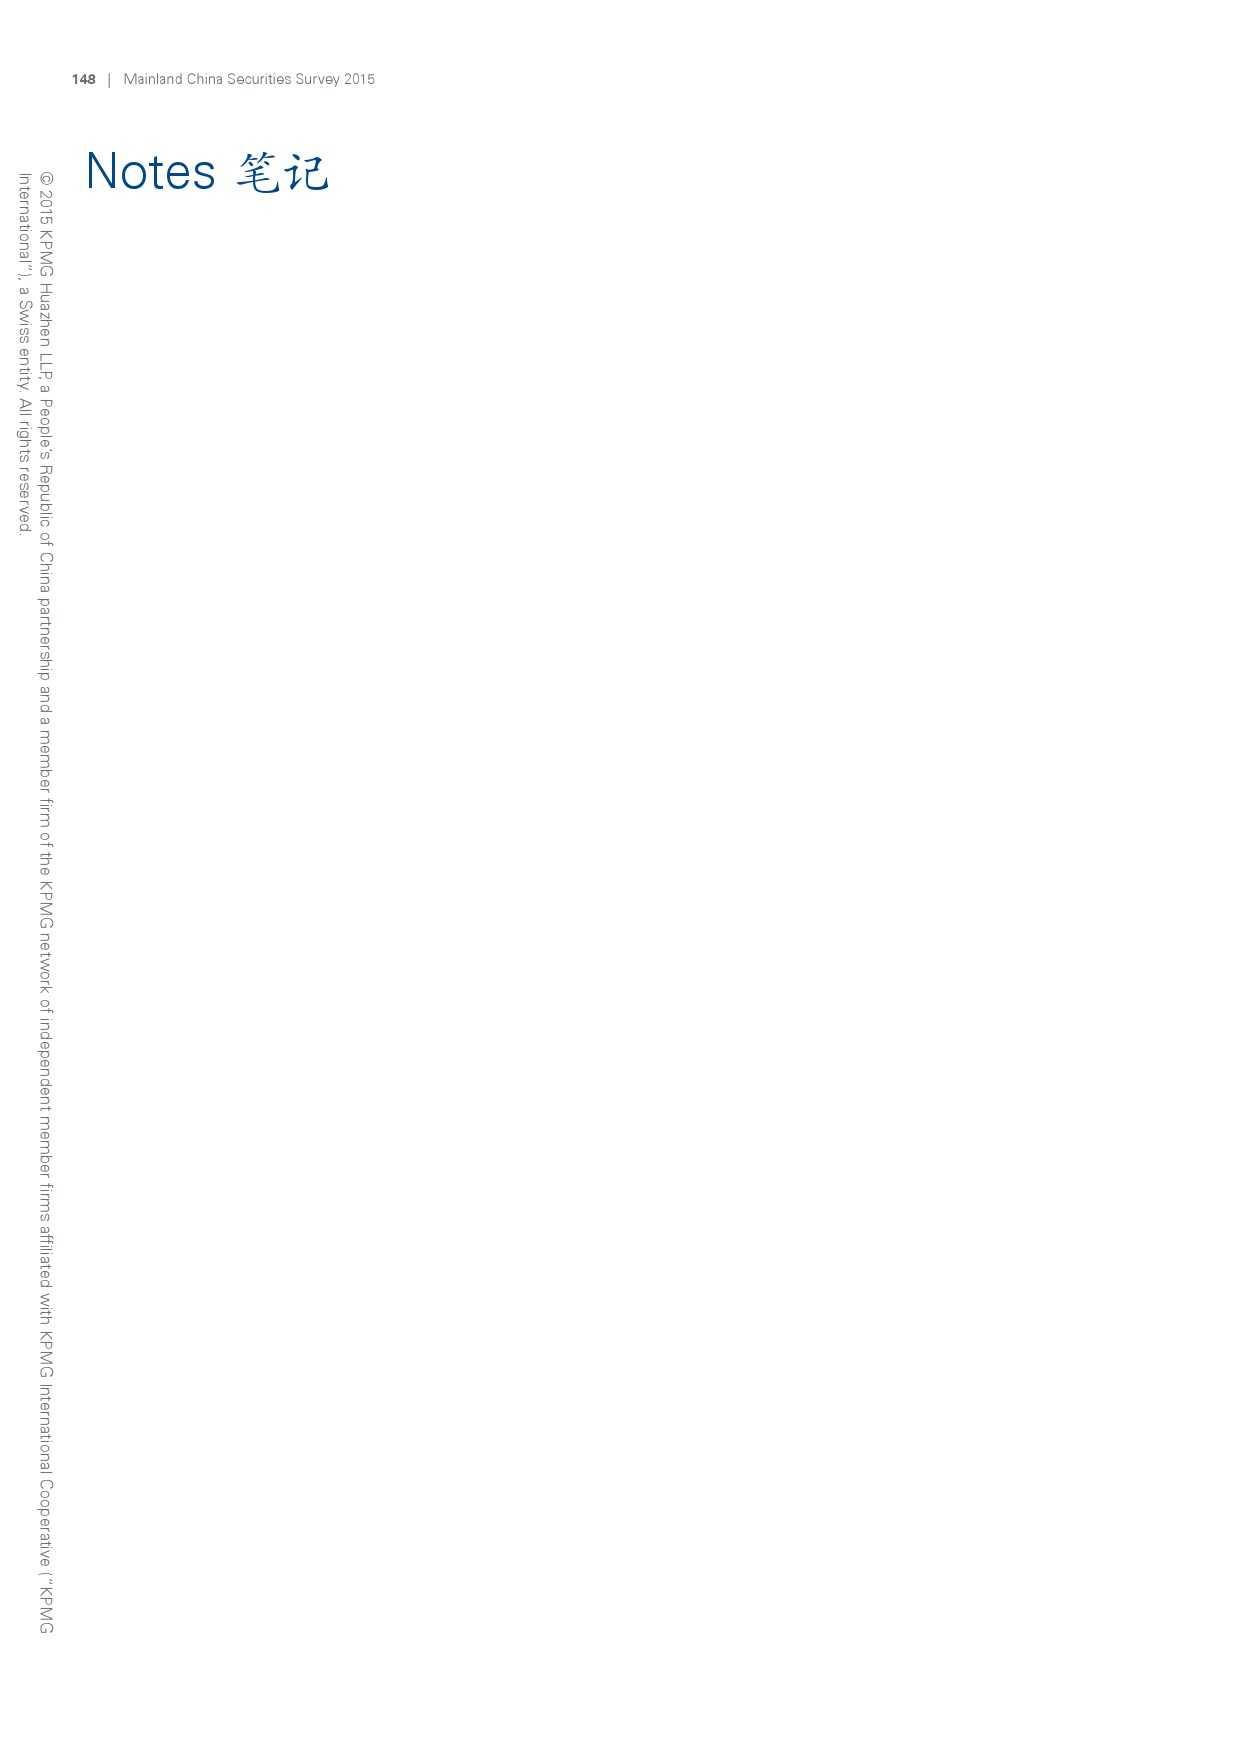 毕马威:2015年中国证券业调查报告_000150